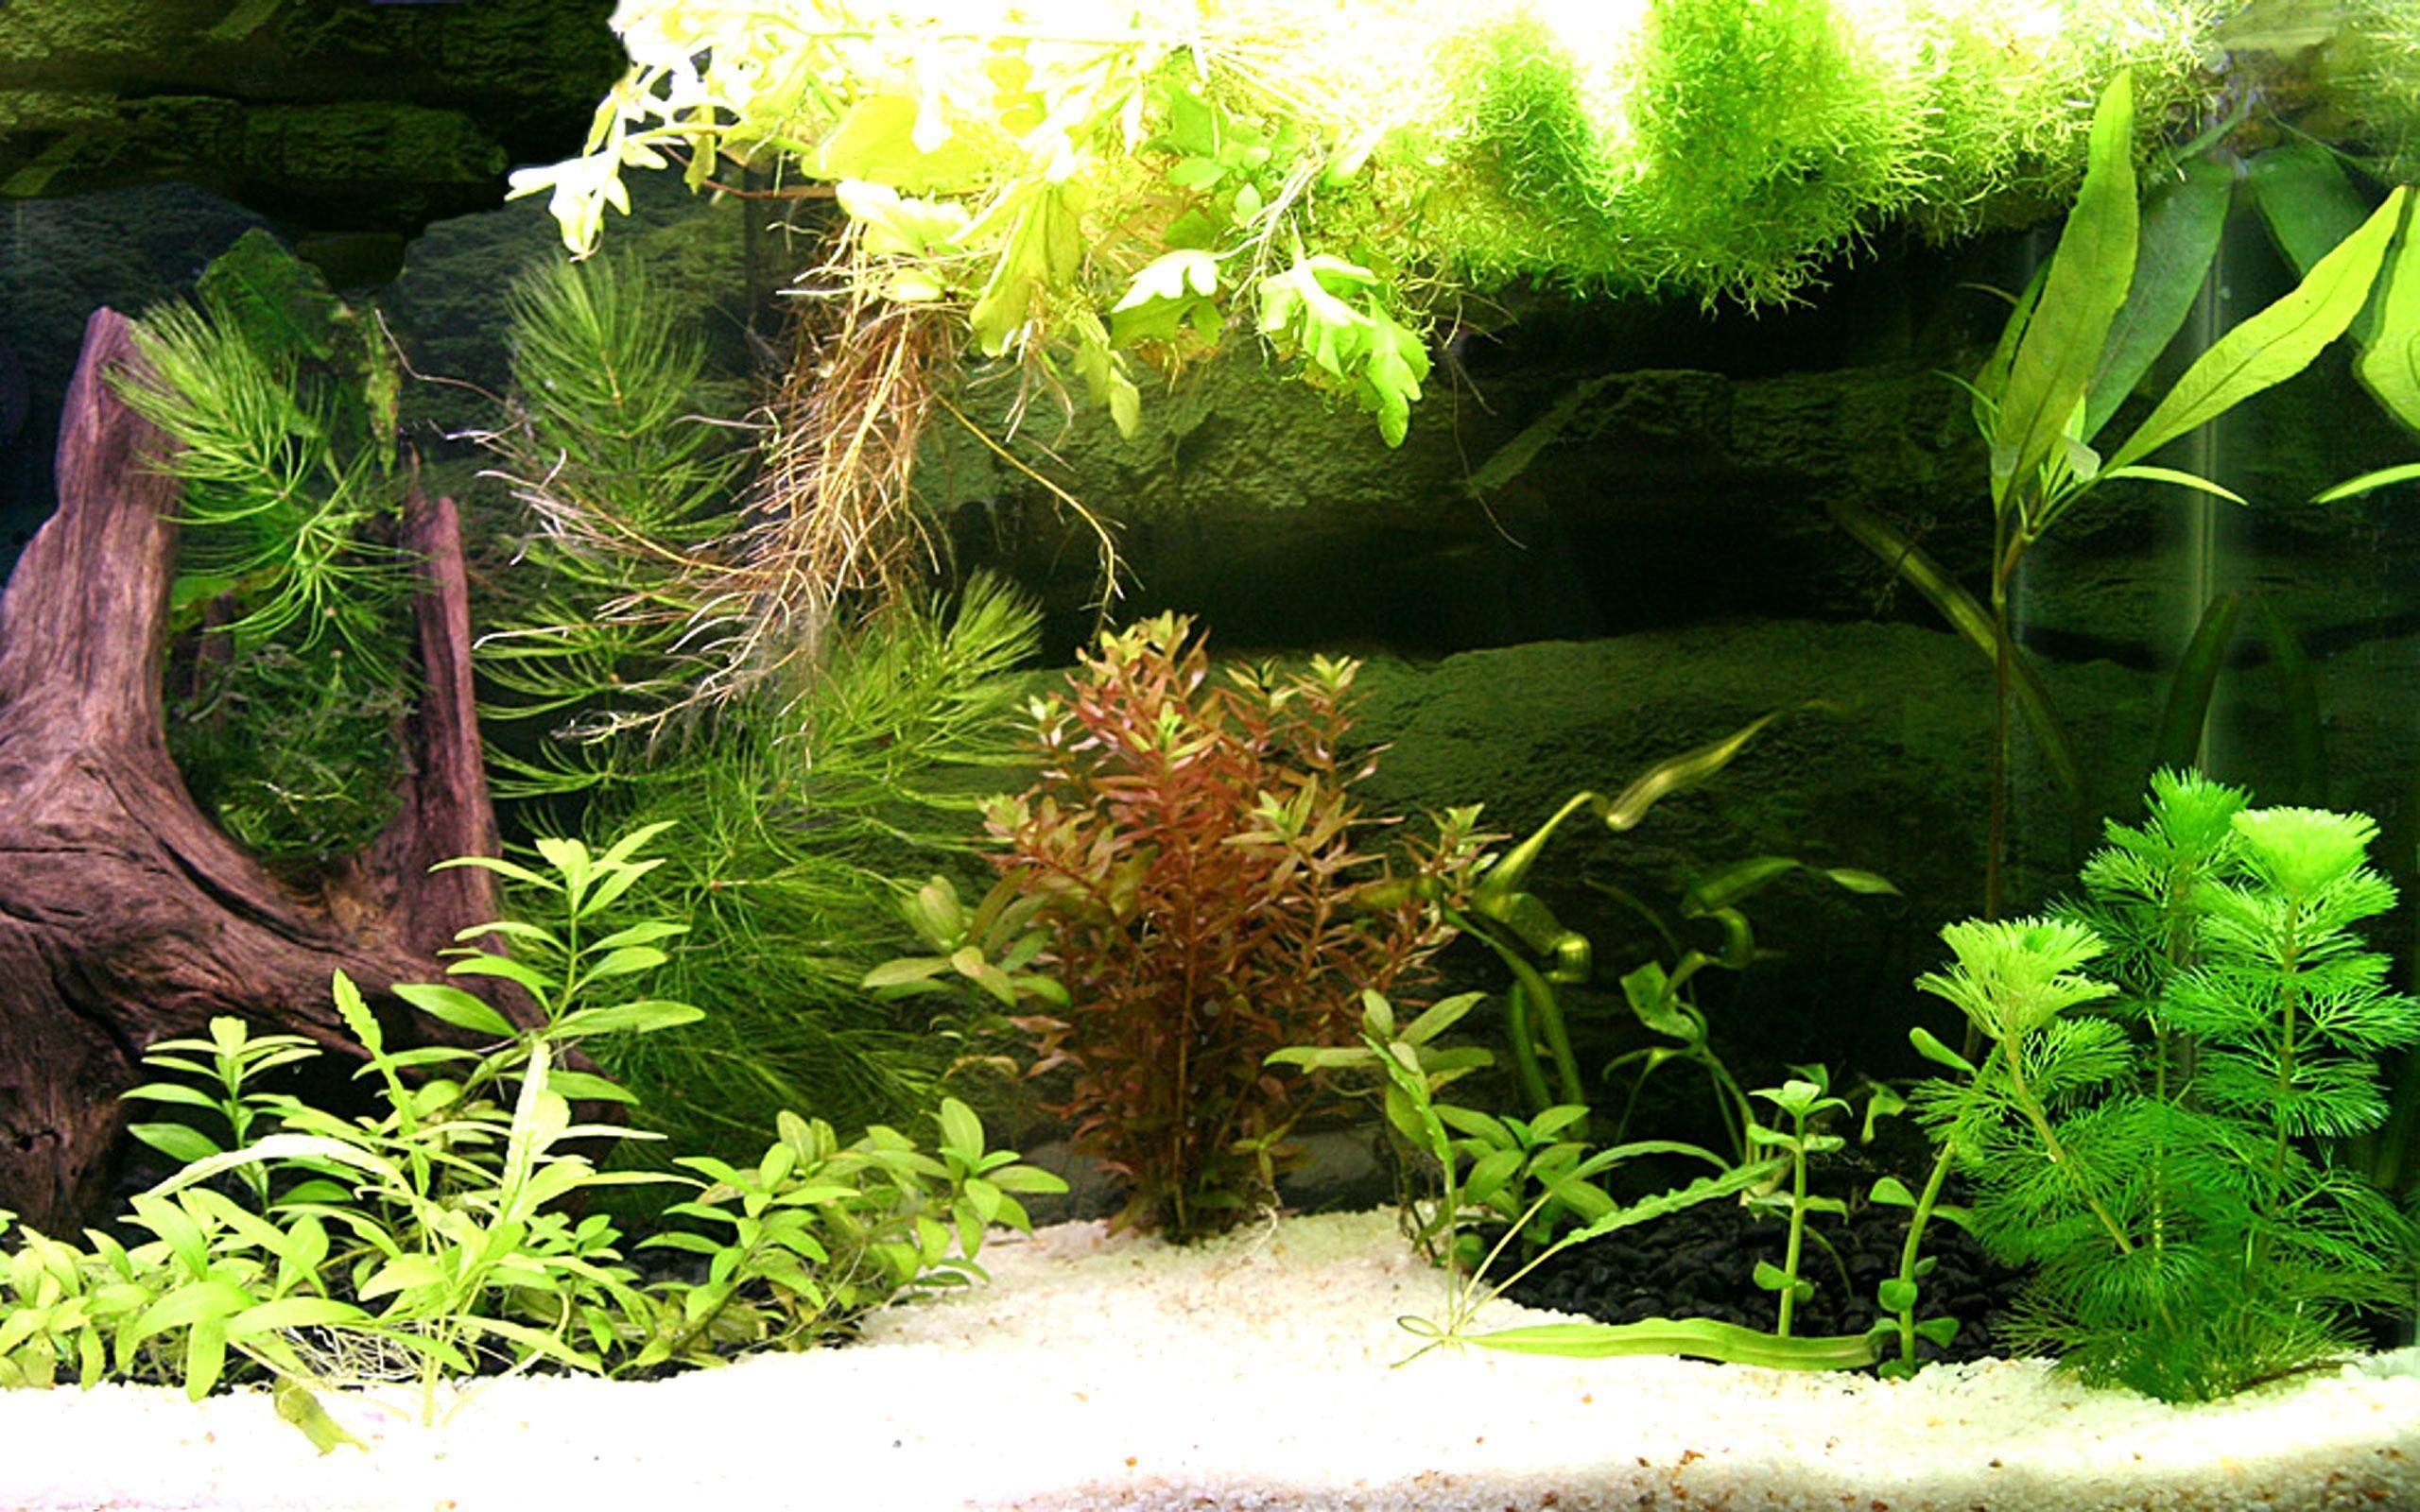 Aquarium Live Wallpaper Windows 2560×1600